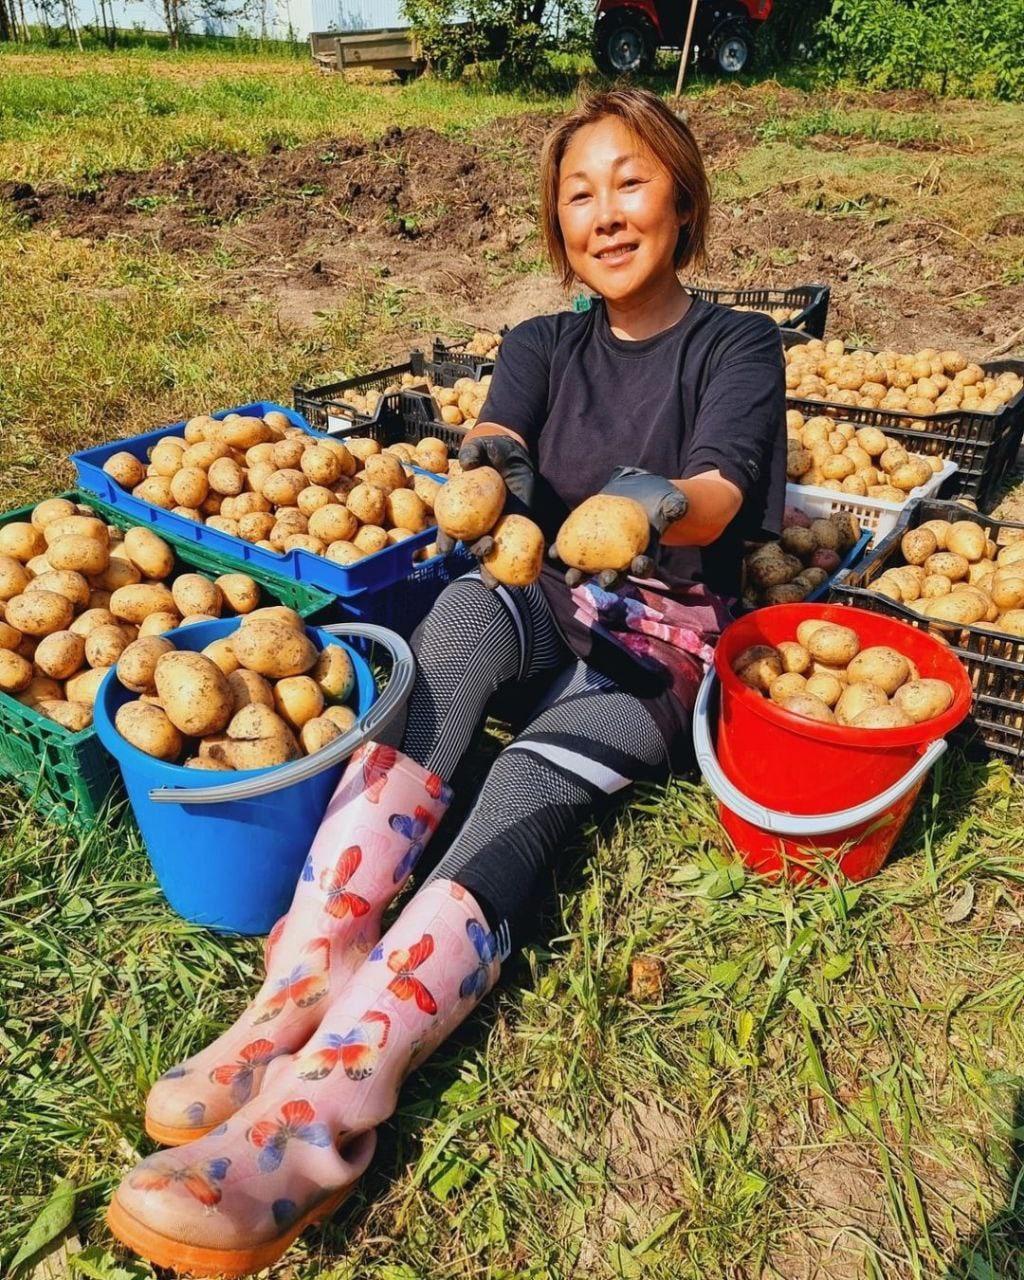 Анита Цой, 50-летняя певица показала, какой урожай собрала в этом году со своего приусадебного участка